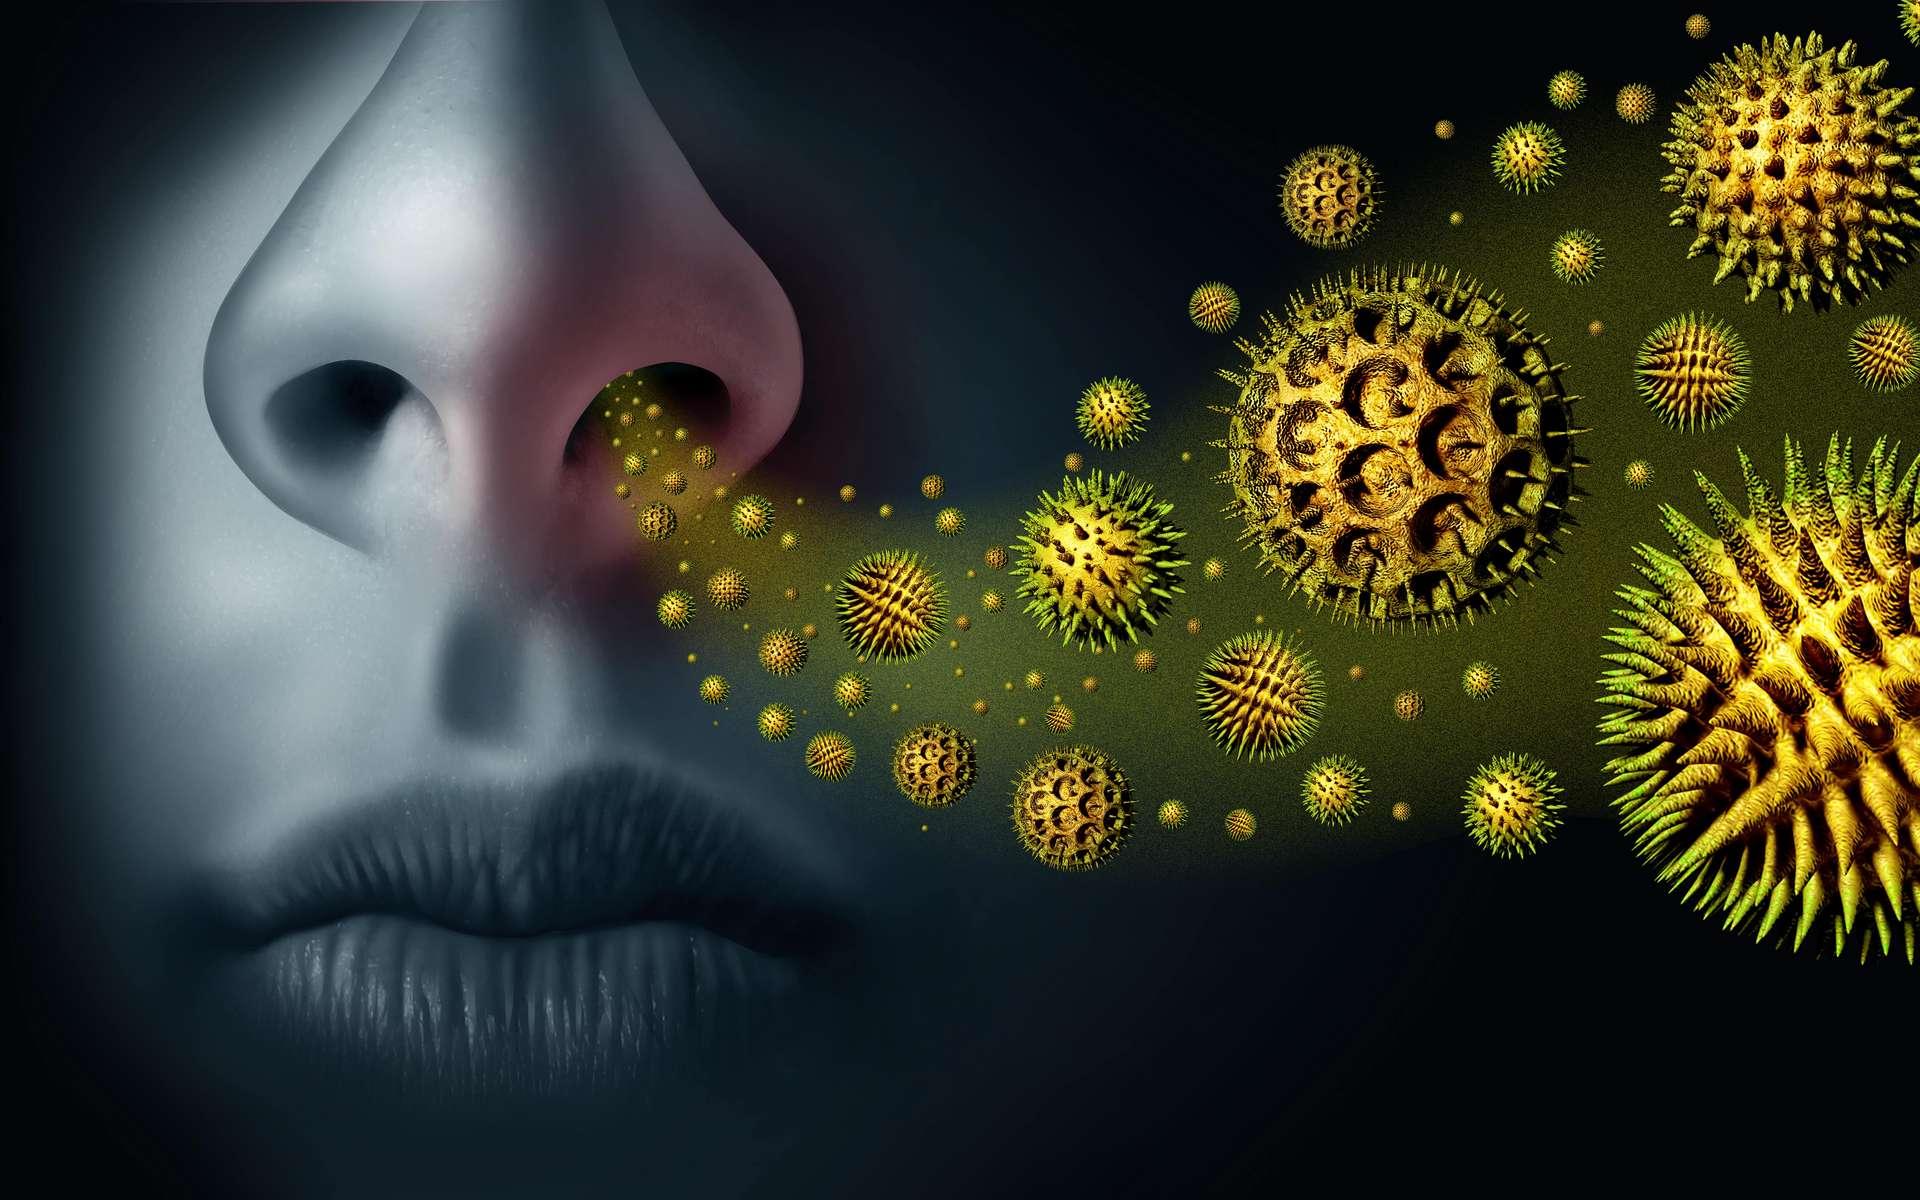 L'allergie au pollen, appelée pollinose, touche 20 à 30% des français. © Freshidea, Adobe Stock